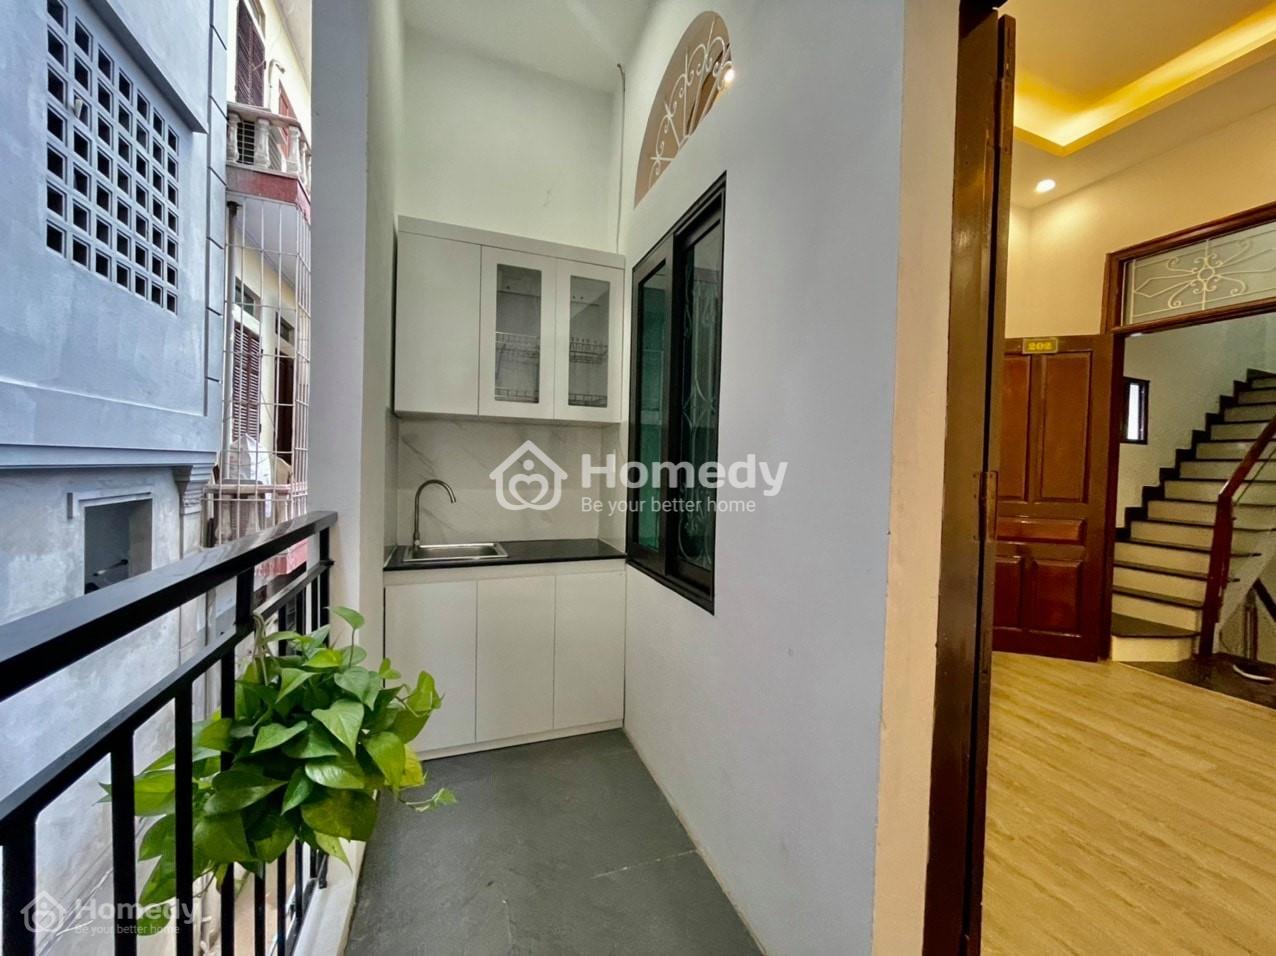 Cho thuê nhà riêng tại Hà Nội ở khu vực trung tâm sẽ có giá cao